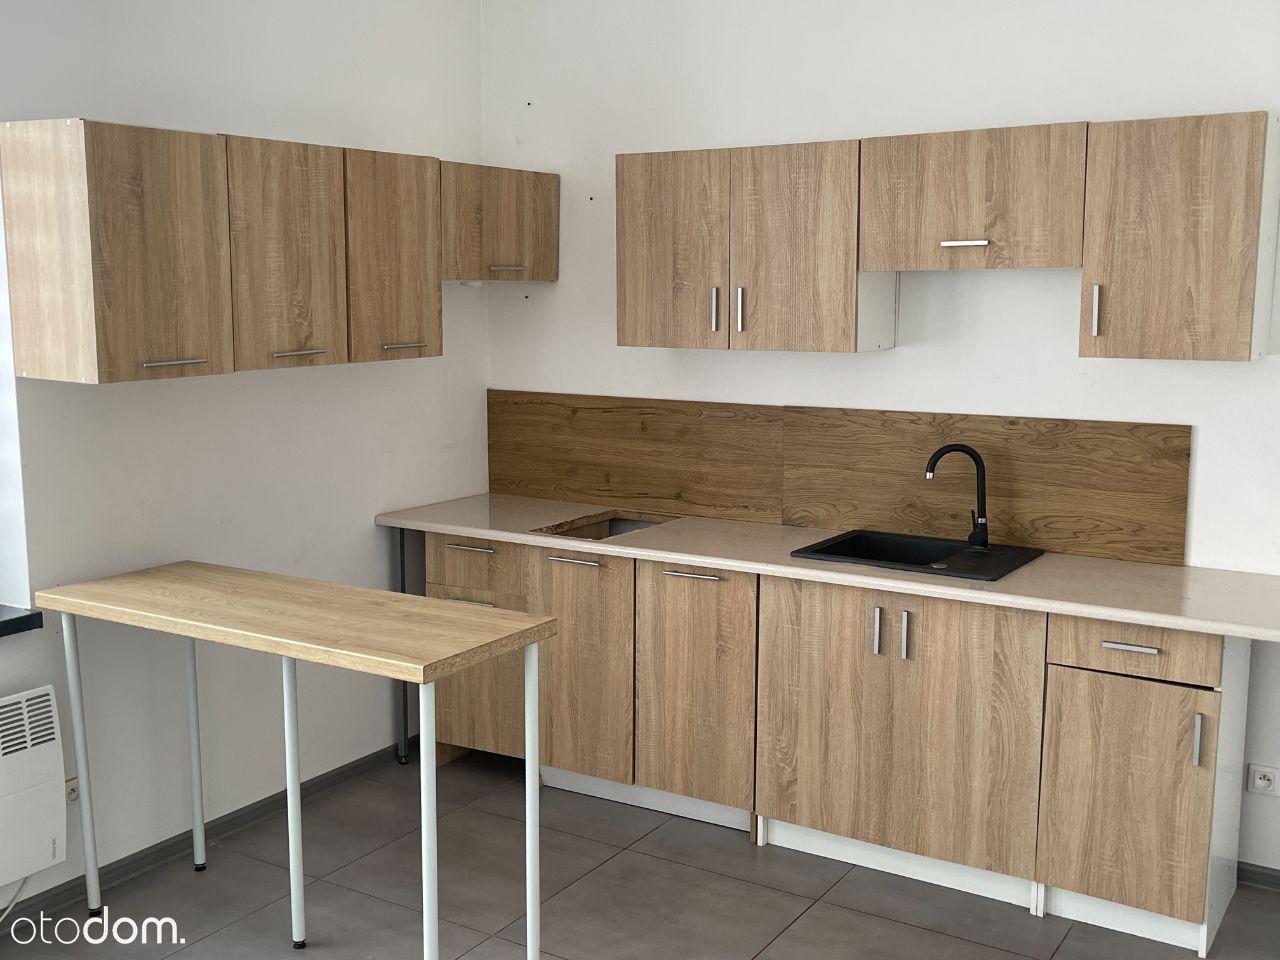 Nowe Mieszkanie 33m Zgierz Długa do wynajęcia okaz